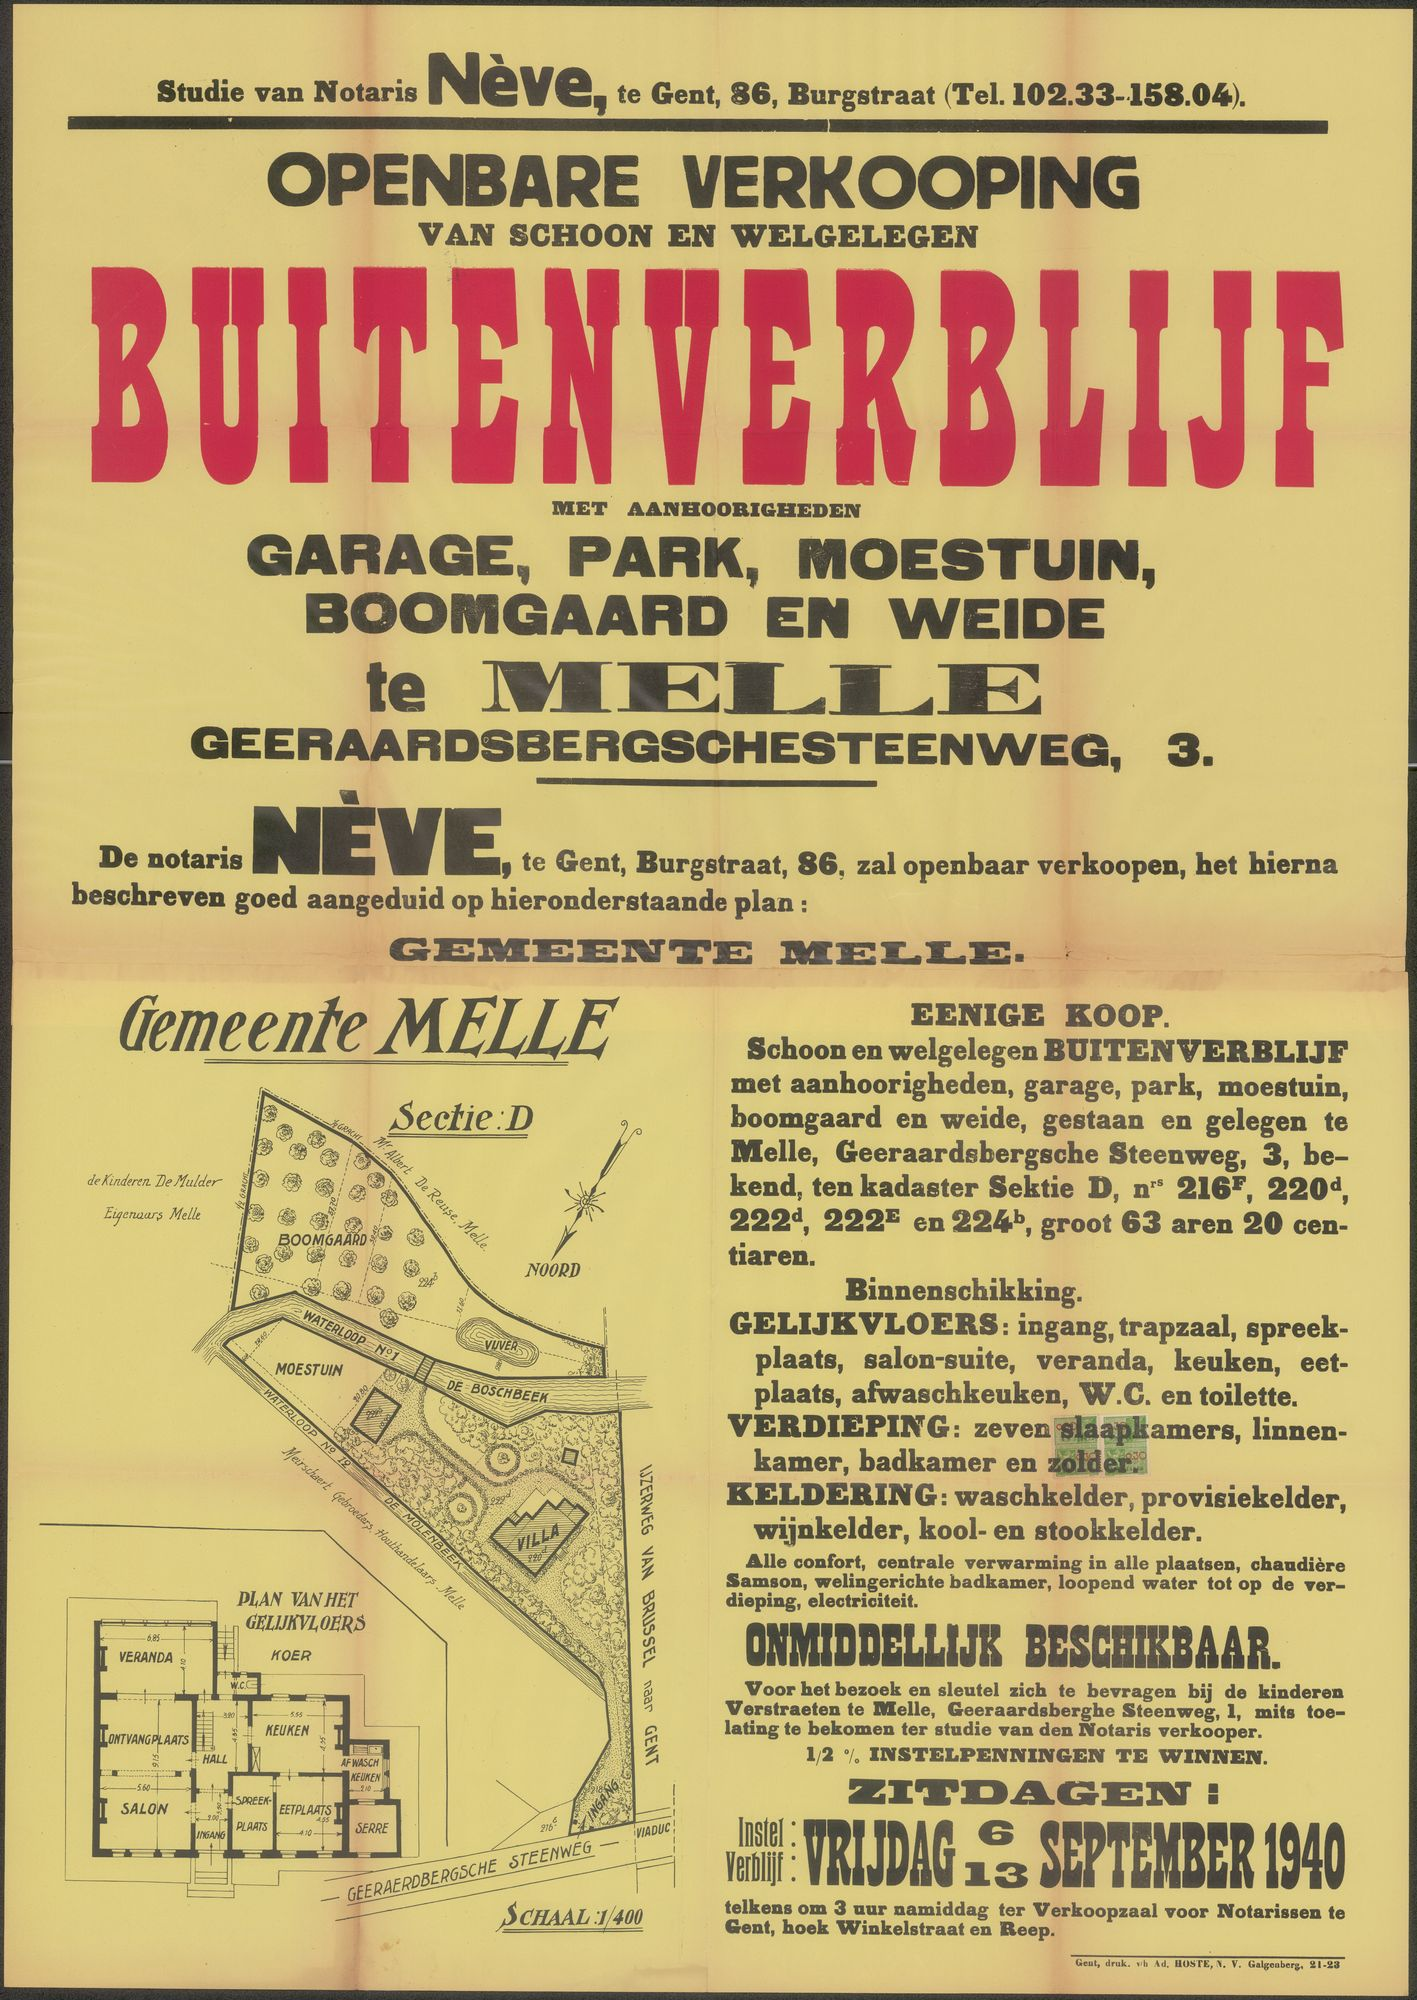 Openbare verkoop van schoon en welgelegen buitenverblijf met garage, park, moestuin, boomgaard en weide te Melle, Geeraardsbergschesteenweg (Geraardsbergsesteenweg), nr. 3, Gent, 13 september 1940